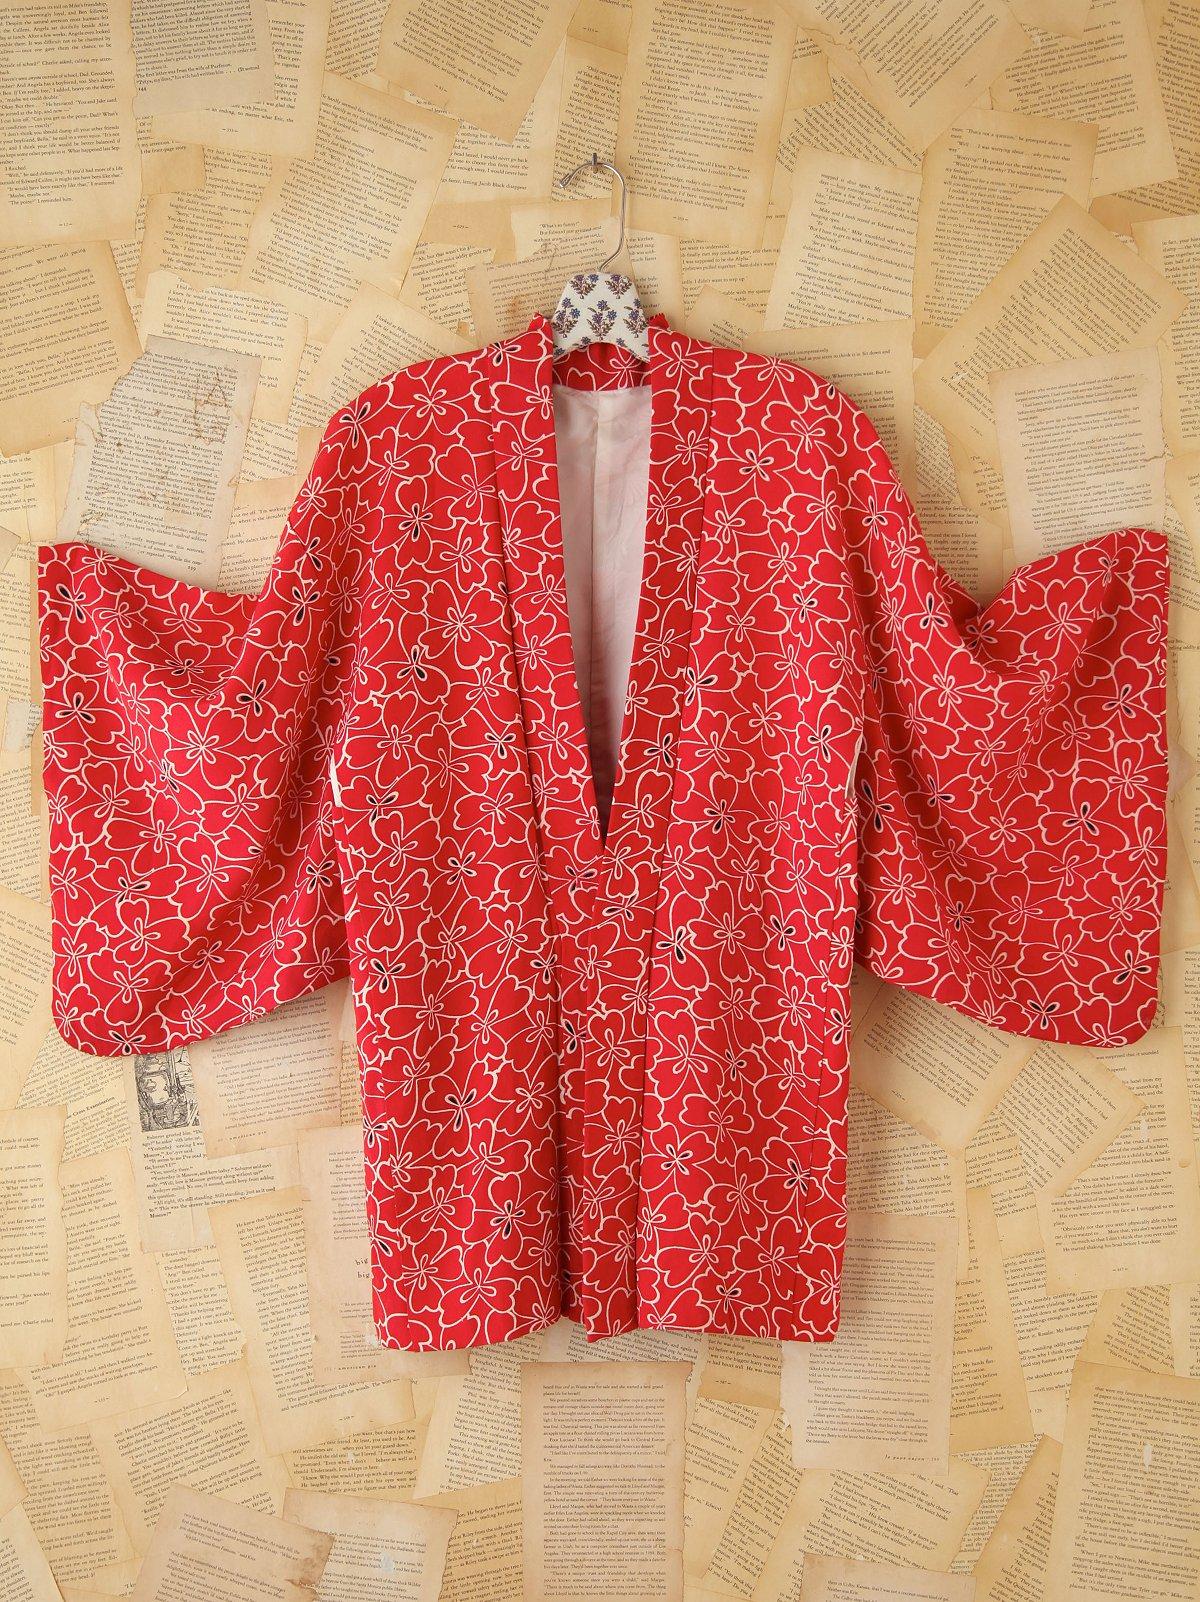 Vintage Red and White Printed Kimono